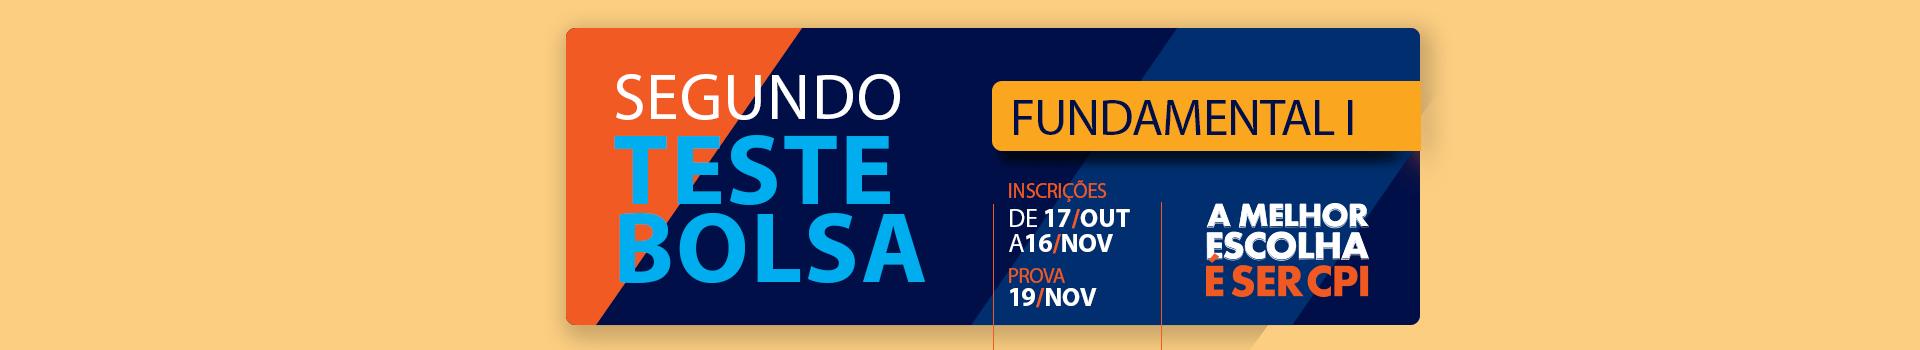 Capa-Site-fund1